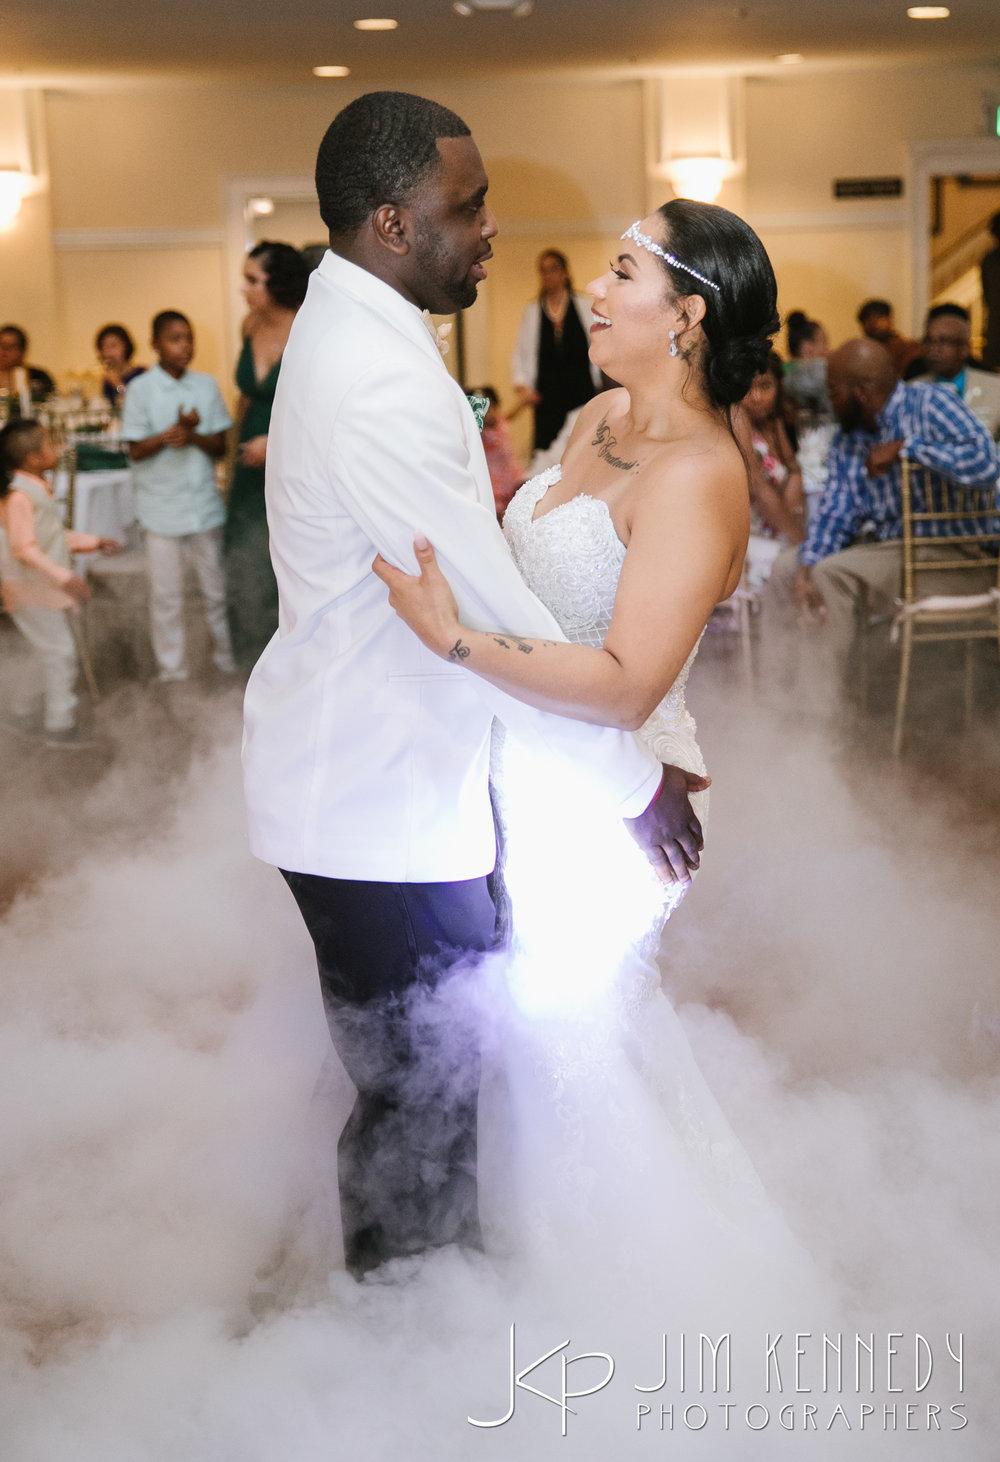 spring_field_banquet_wedding-4943.jpg